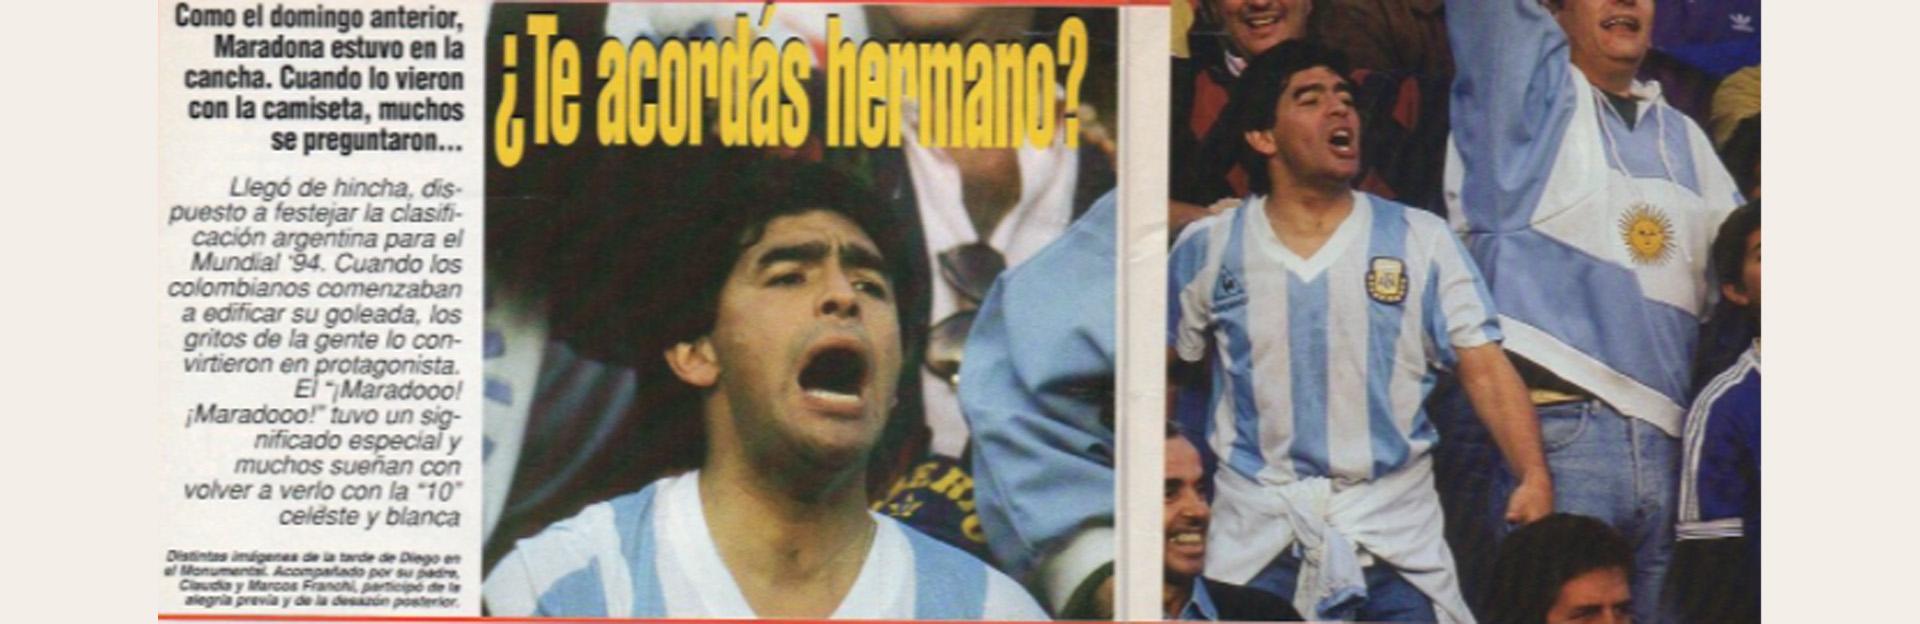 Maradona presenció desde una de las plateas del Monumental el 5-0 de Colombia a Argentina en el Monumental (El Gráfico)